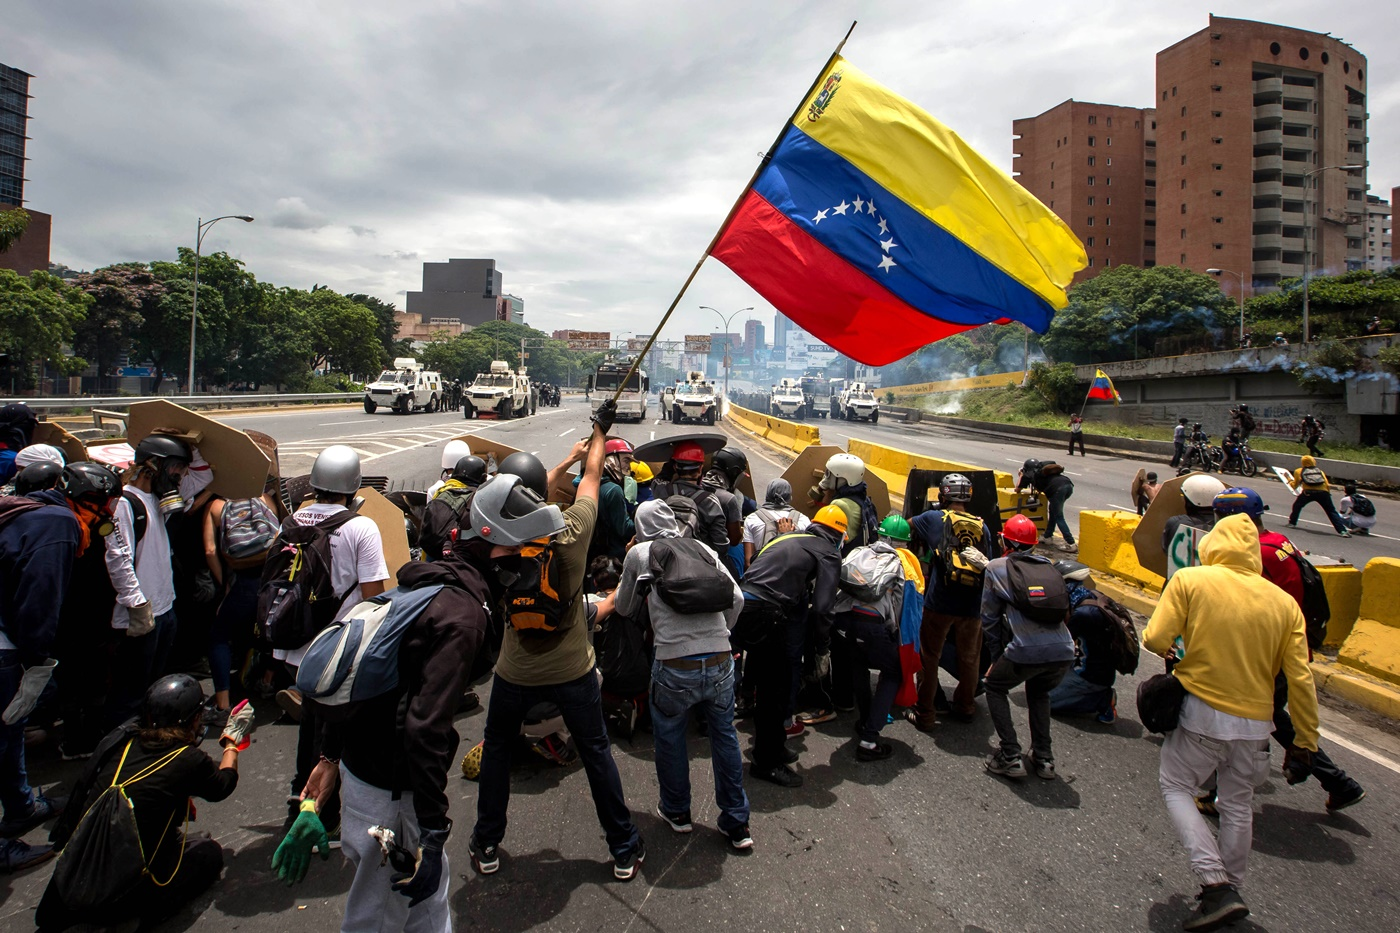 CAR021. CARACAS (VENEZUELA), 03/05/2017 - Participantes de una manifestación se enfrentan con miembros de la Guardia Bolivariana hoy, miércoles 3 de mayo de 2017, en Caracas (Venezuela). La Guardia Nacional Bolivariana (GNB, policía militarizada) de Venezuela dispersó hoy con gases lacrimógenos una movilización opositora en el este de Caracas que pretendía llegar hasta la sede de la Asamblea Nacional (AN, Parlamento), ubicada en el centro de la capital. EFE/MIGUEL GUTIERREZ